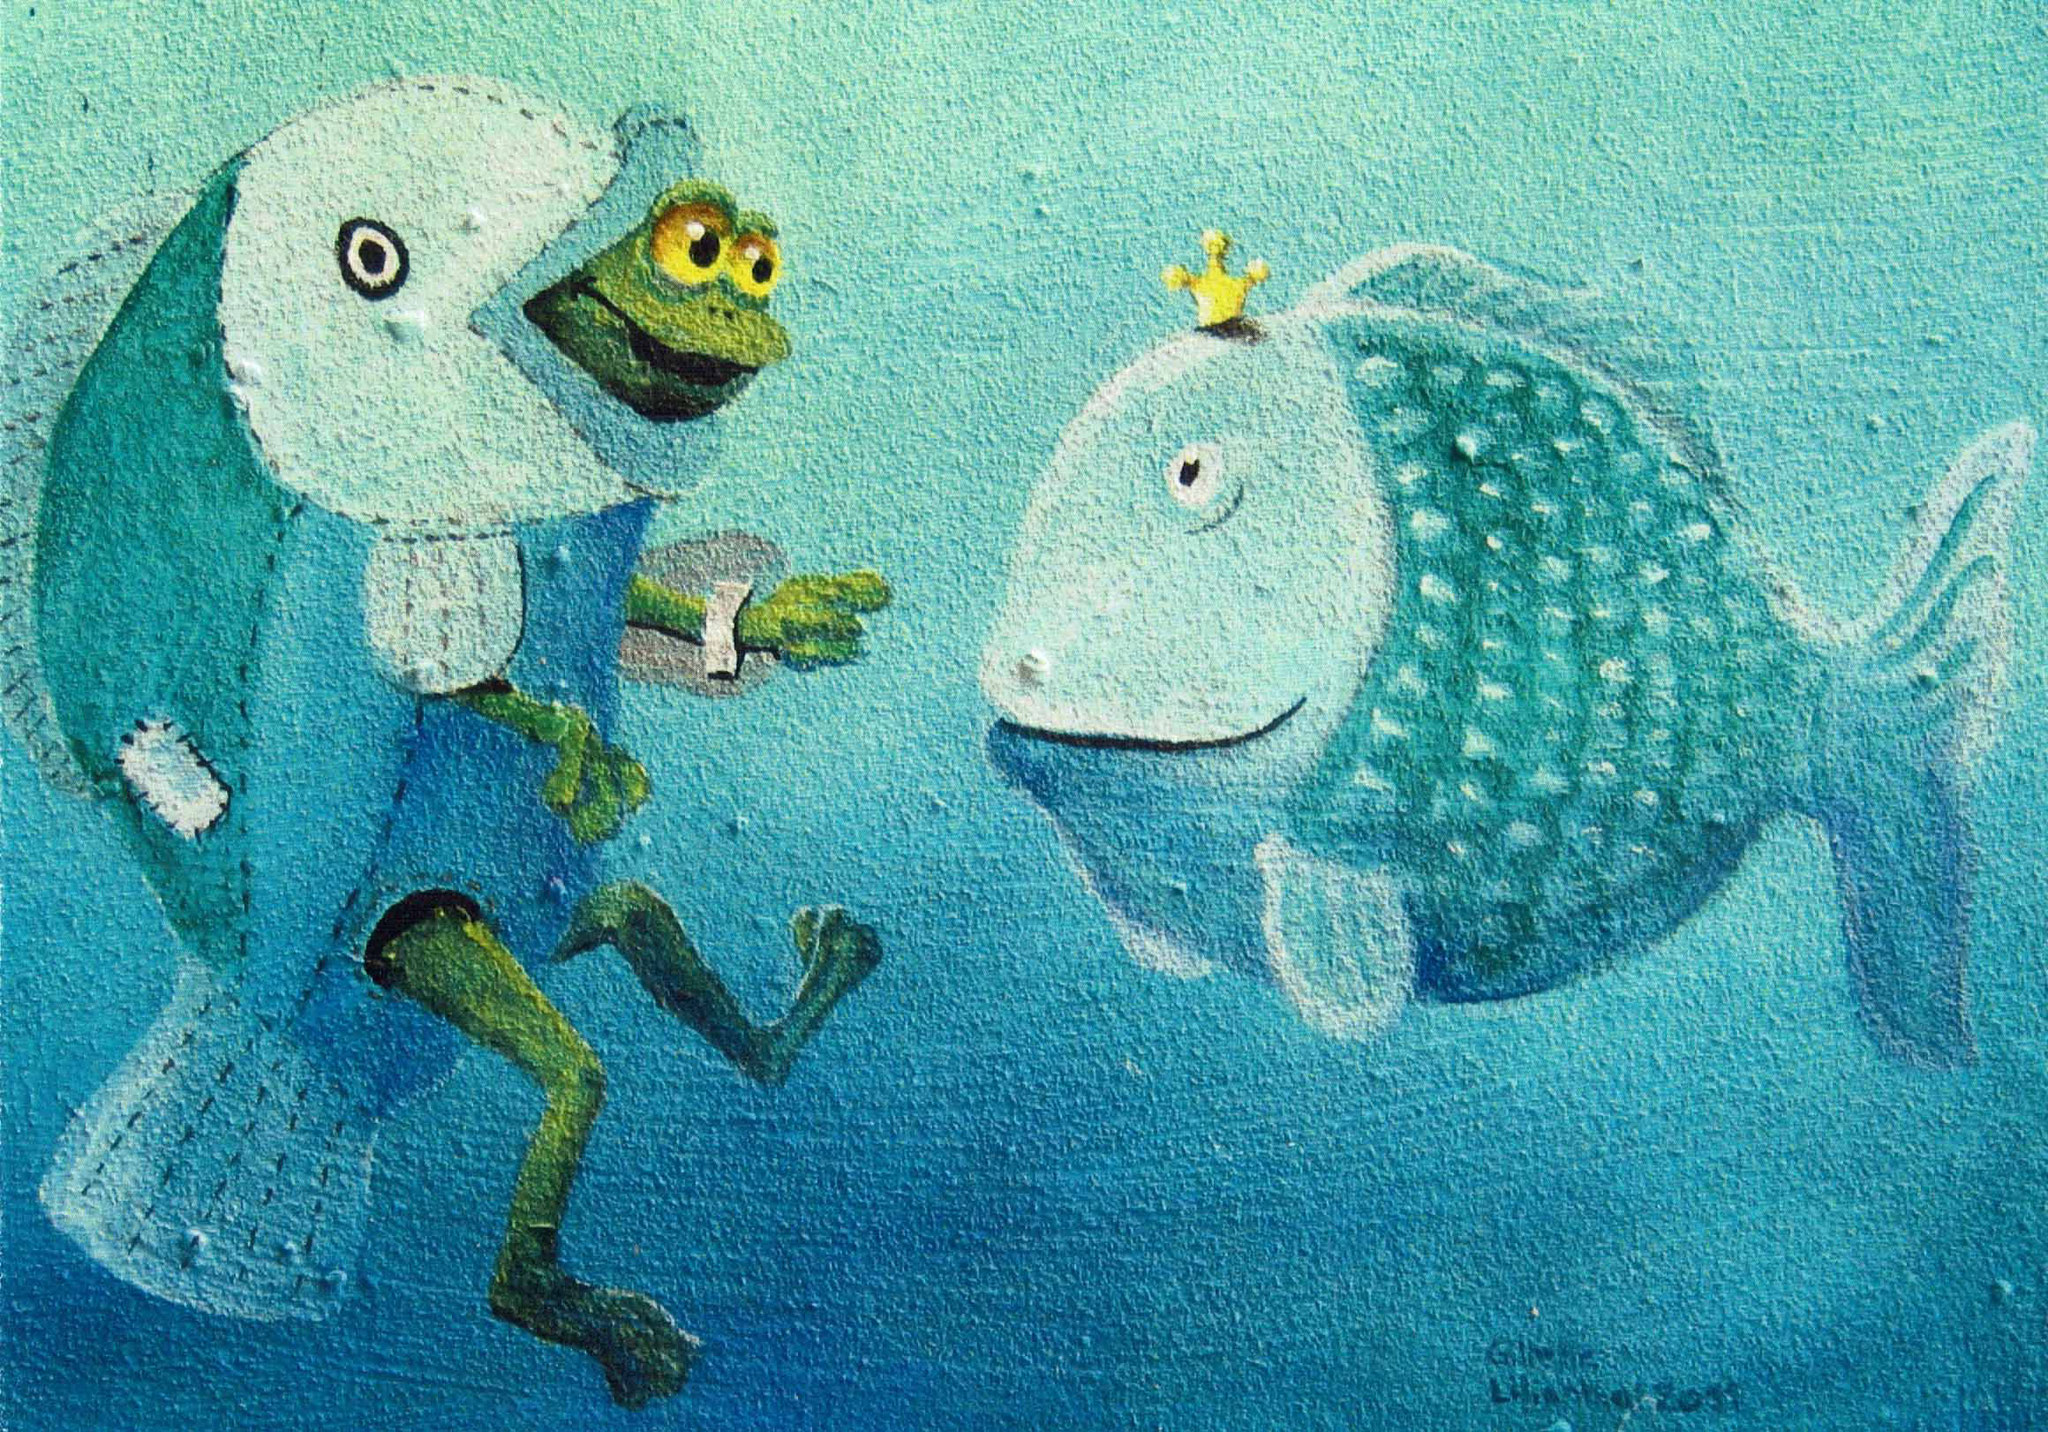 Fische - Öl auf Leinwand auf Bestellung und als Postkarte